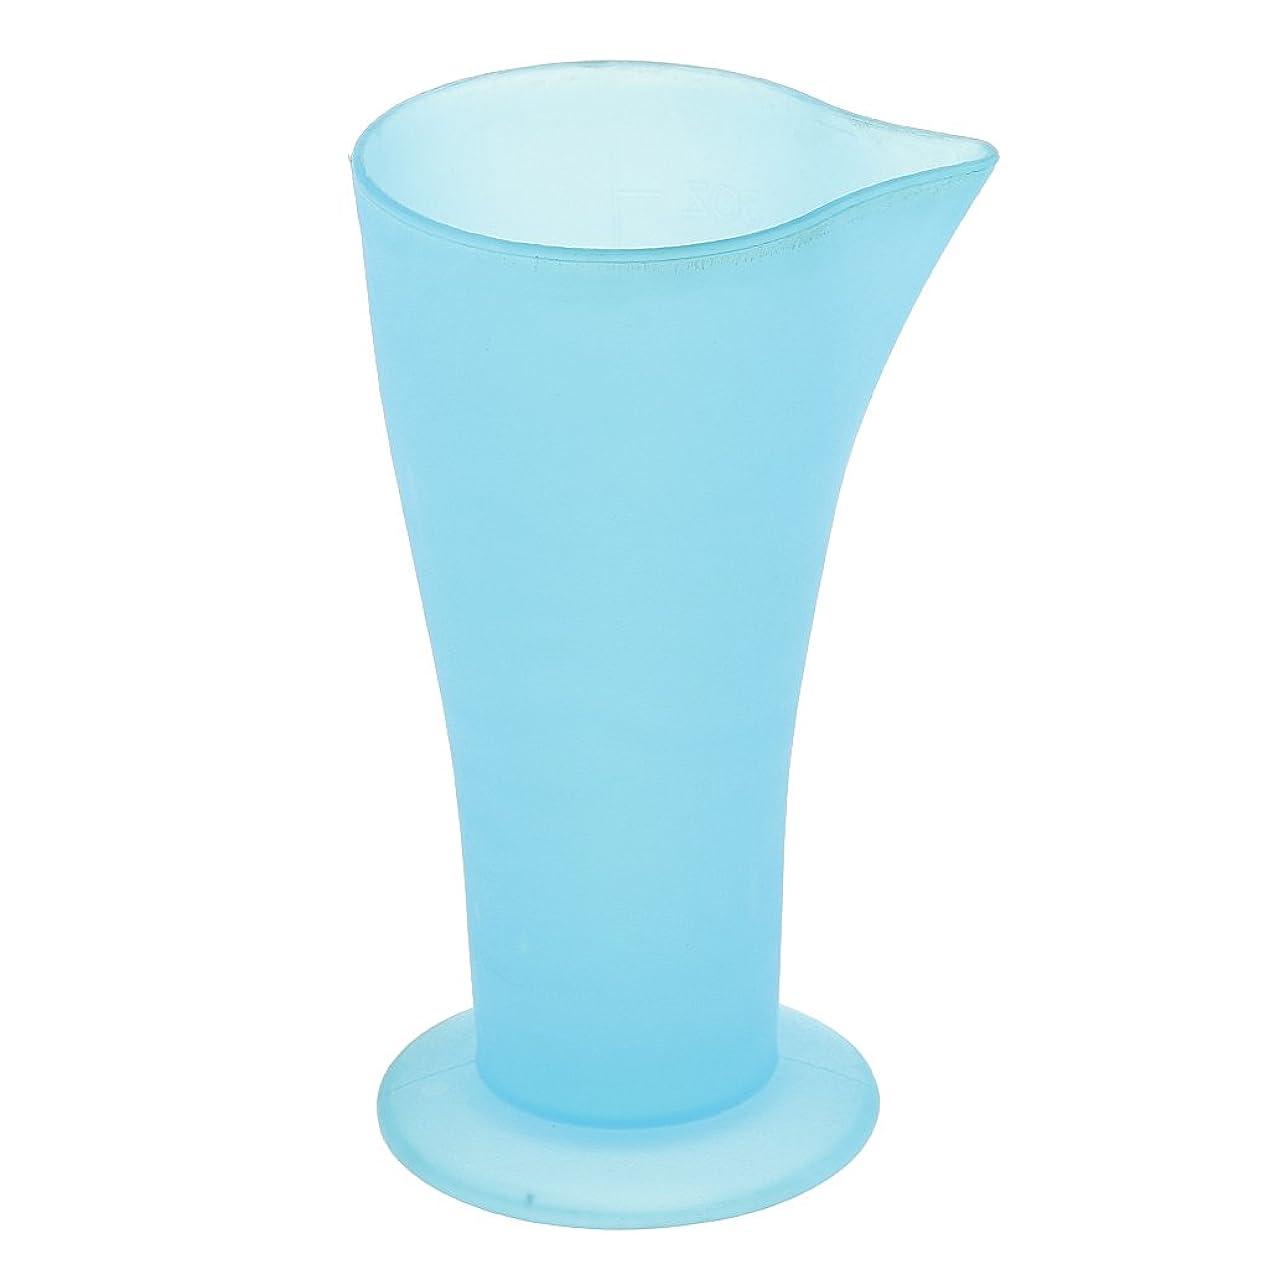 言い直す政権ブラストSharplace ヘアダイ容器 計量カップ 白髪染め ヘアカラ 再使用可能 ブルー